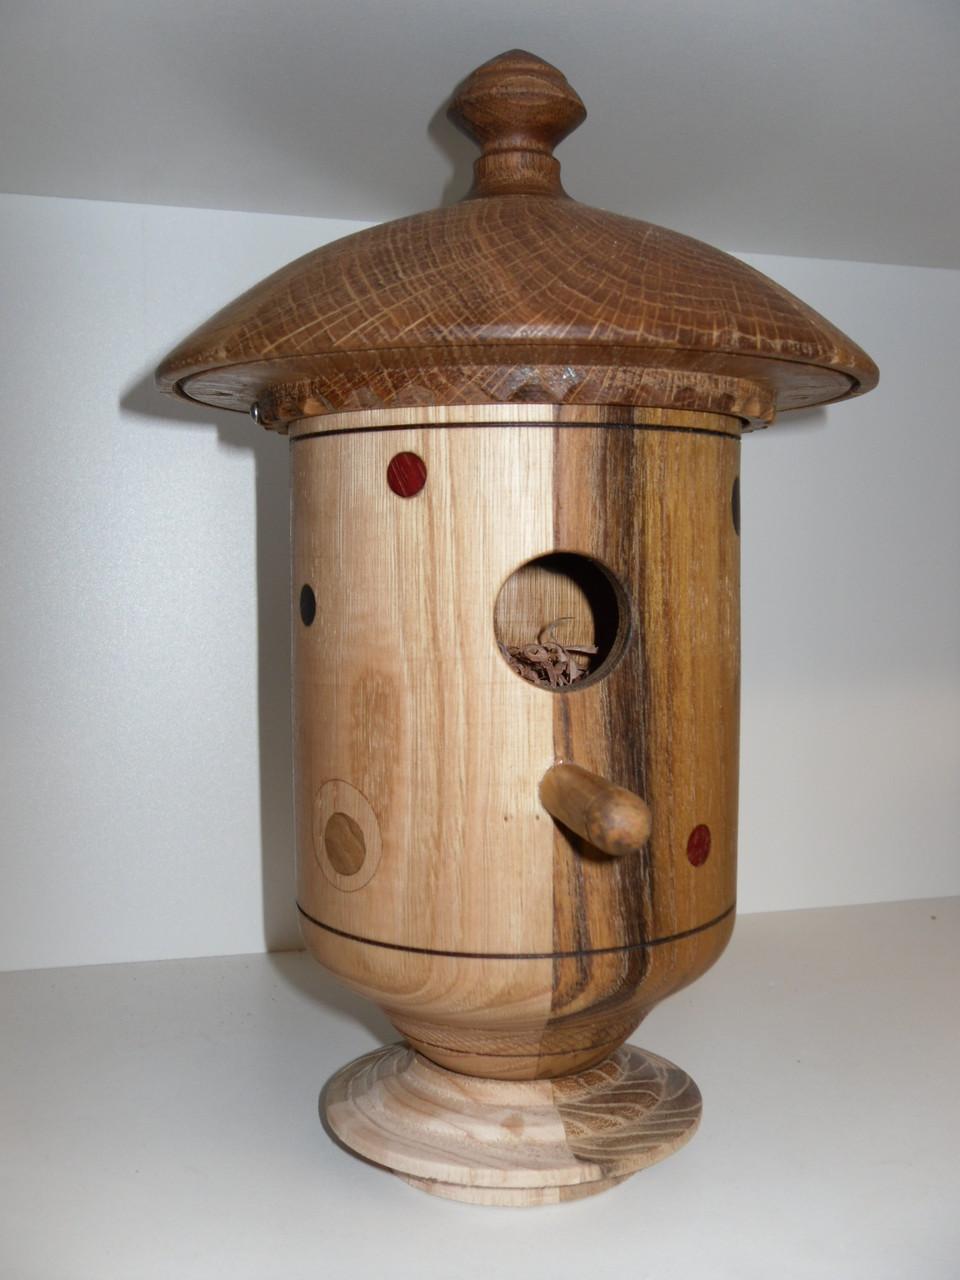 Nichoir en accacia, chêne et châtaignier D 18 cm H 30 cm par Bernard Bucher